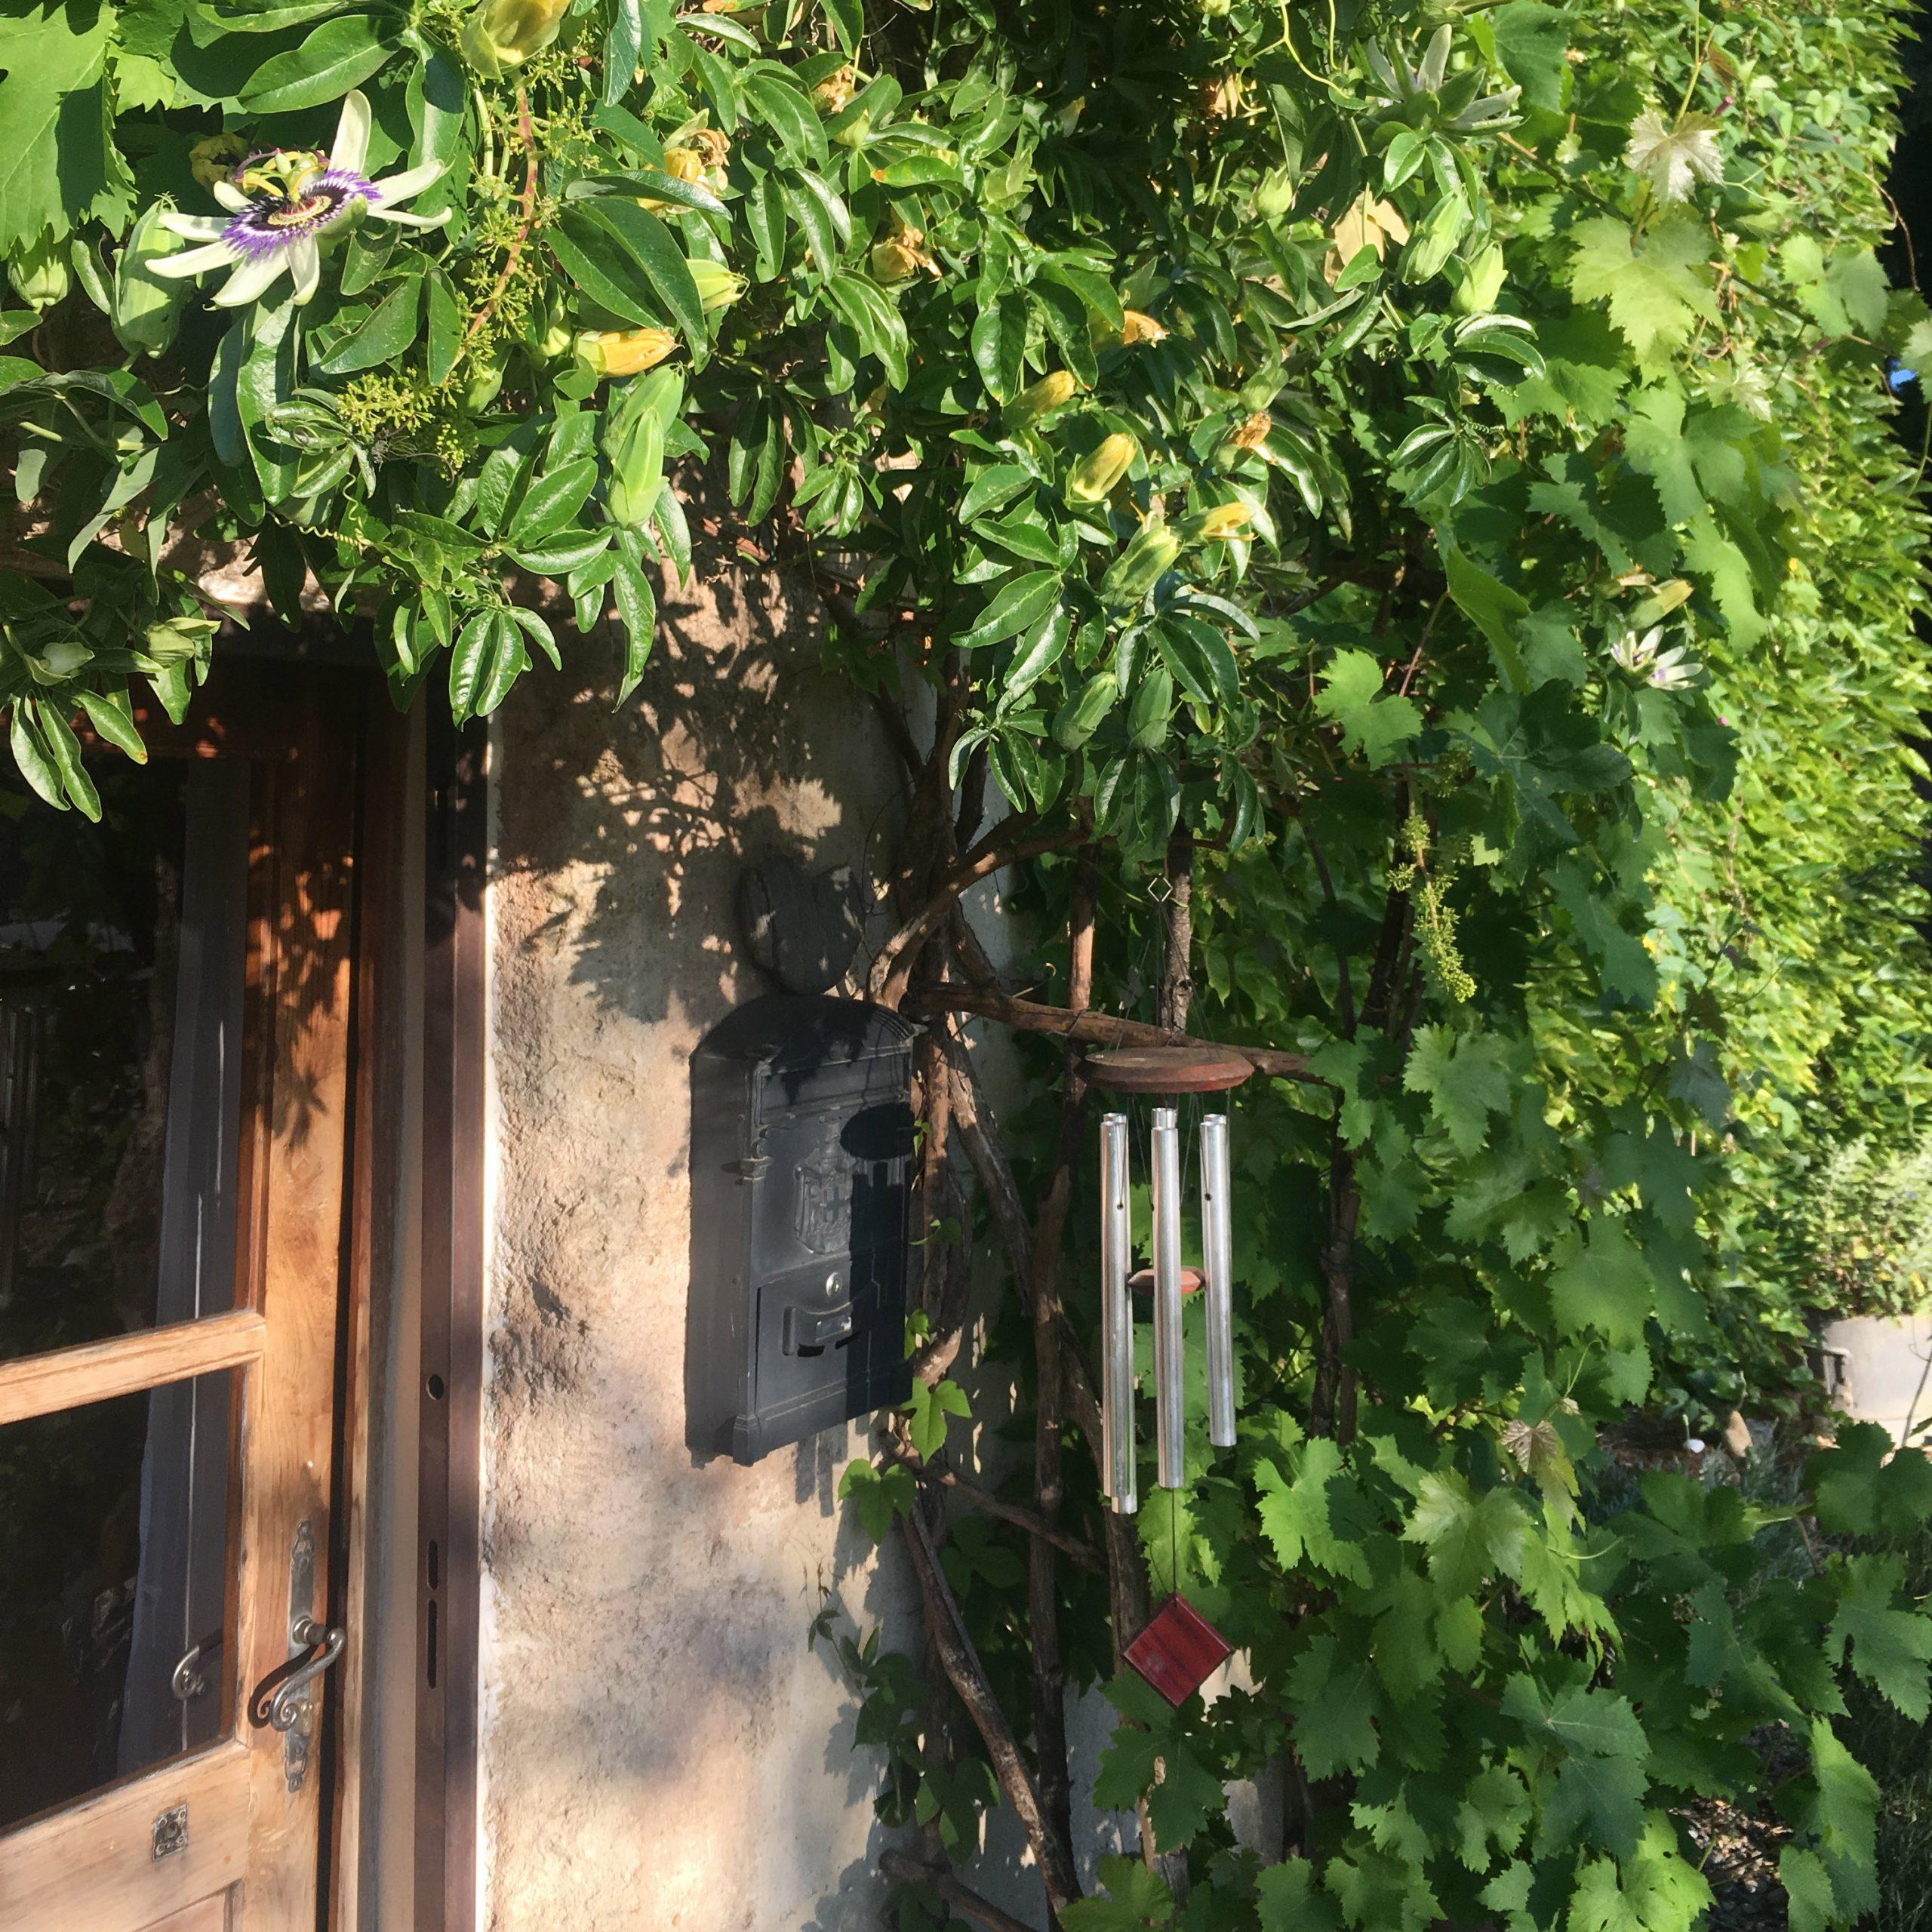 Un gite idéal pour vos vacances dans l'Hérault en harmonie avec la nature